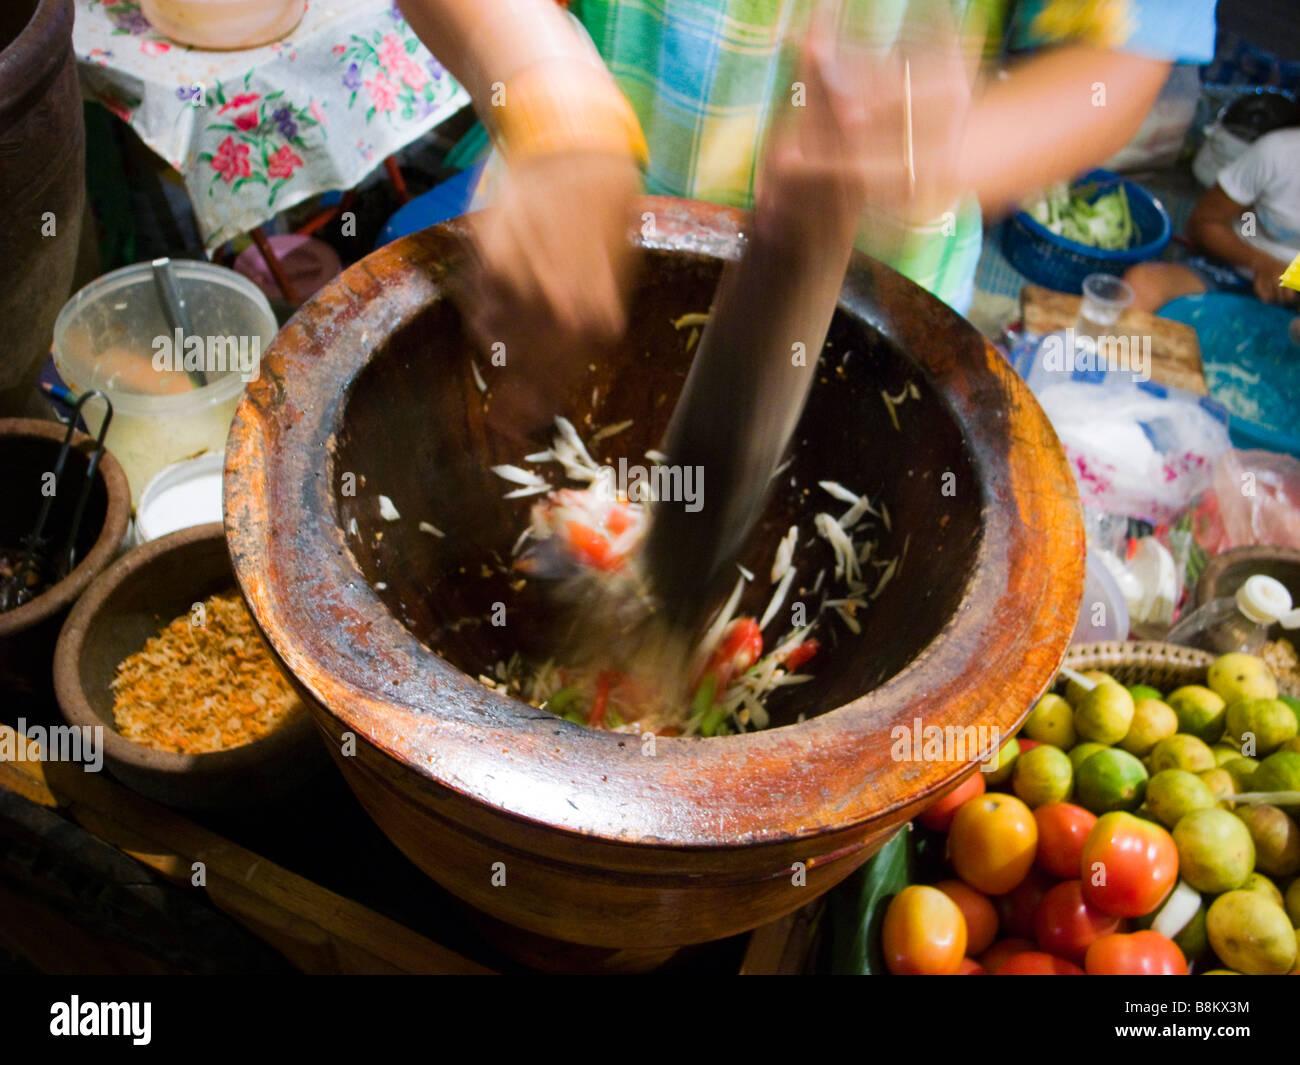 Détail de vendeur de rue thaïlandaise salade de papaye épicée faire sur marché nocturne Photo Stock